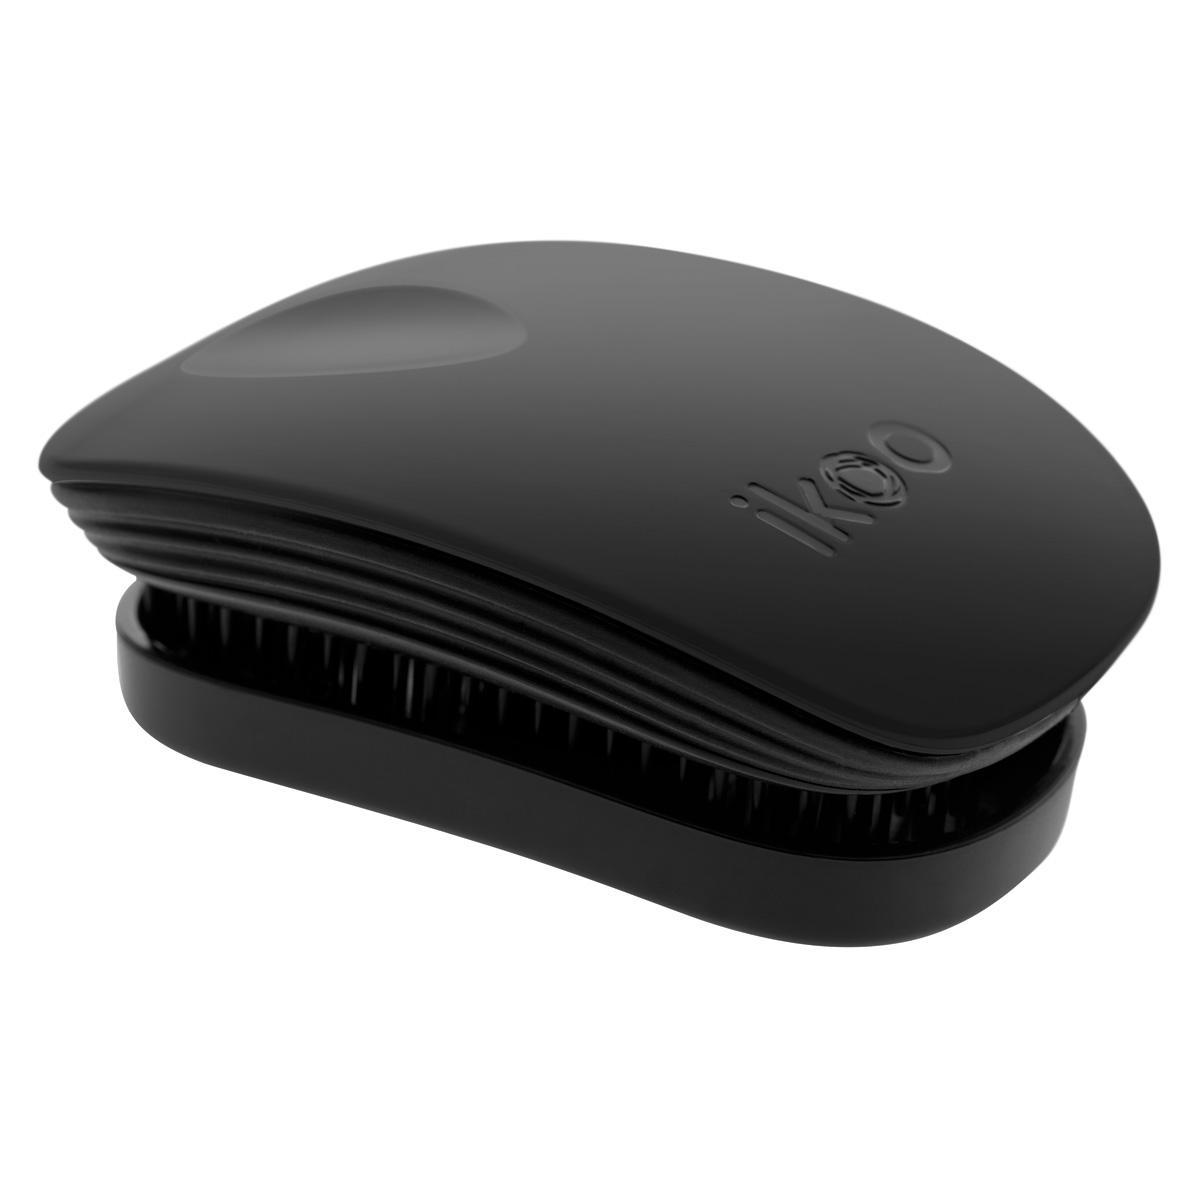 Ikoo Расческа-детанглер Pocket Classic Black3049ikoo Pocket – расческа для тех, кто всегда в движенииЕсли Вы не хотите упускать шанс всегда иметь под рукой удобную расческу, а также оставить позади секущиеся концы и поврежденные волосы, то карманная версия расчески iKoo – то, что Вам нужно!«Младшая сестра» ikoo Pocket обладает всеми качествами оригинальной версии, а также имеет удобную крышку, которая предохранит расческу от загрязнений, а Вашу сумку – от попадания волос. Ikoo – это расческа-детанглер, которая:- придает объем и блеск волосам- массирует кожу головы- позволяет заботиться о волосах даже во время расчесывания и не оставляет шанса секущимся кончикам- легко распутывает влажные волосы- распутывает волосы без болиУникальный подход щетки ikoo — расположение и структура щетинок, которые позволяют не только легко распутывать и расчесывать волосы, но и делать массаж головы в соответствии с принципами традиционной китайской медицины. Щетинки стимулируют энергетические меридианы и рефлексогенные зоны, что также положительно влияет на вегетативную нервную систему. Благодаря оптимальной степени твердости щетины, волосы распутываются легко и без вытягивания. Щетка ikoo сохраняет свою функциональность даже после долговременного использования.Щетки ikoo изготовлены из высококачественной смолы и акрила. Для комфортного использования корпус щетки отделан натуральной резиной, что помогает надежно удерживать щетку в руке. Скомбинировав эти три материала, мы избежали использования дерева и натуральной щетины, так как эти материалы подходят не для всех типов волос, а также труднее очищаются. Щетки ikoo соблюдают все гигиенические стандарты за счет своего состава. В процессе разработки мы уделили большое внимание дизайну щетки, чтобы и правшам, и левшам было комфортно ей пользоваться.Дизайн расчески основан на принципах традиционной китайской медицины, которые практикуются уже более 2000 лет, и до сих пор. Согласно им, массаж головы оказывает гармонизирующий эффект на весь о